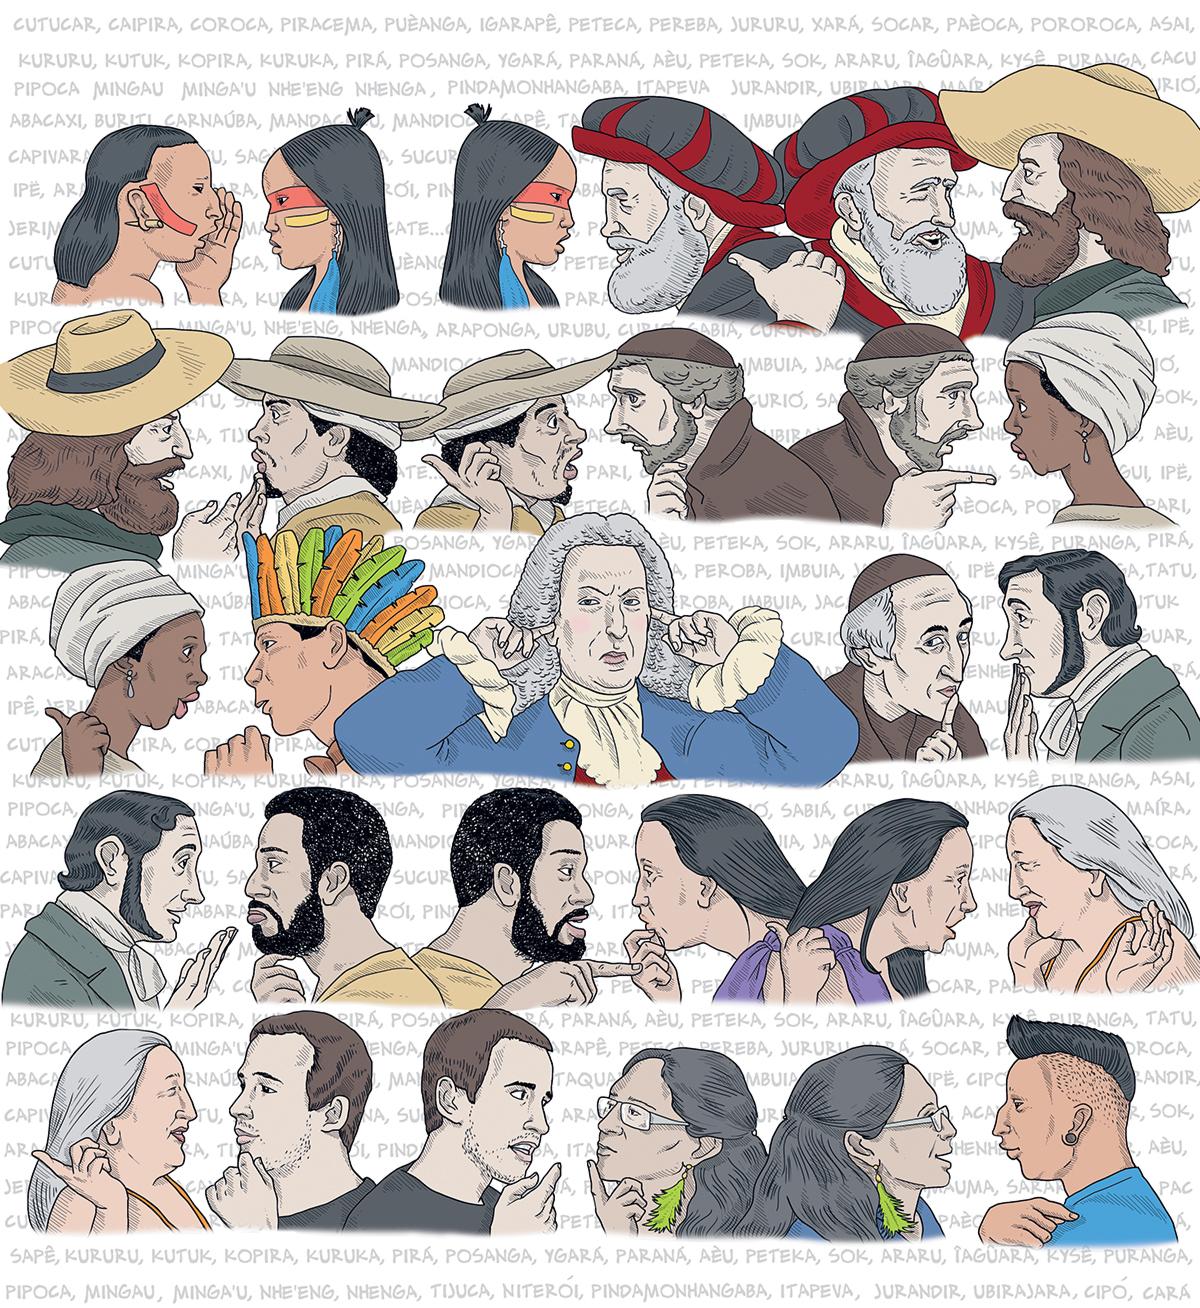 Até 1870, a língua geral, ou nheengatu, foi dominante no Amazonas ─ índios, mestiços, brancos, negros, todos a falavam. Apagou-se a língua e apagou-se também a memória da língua